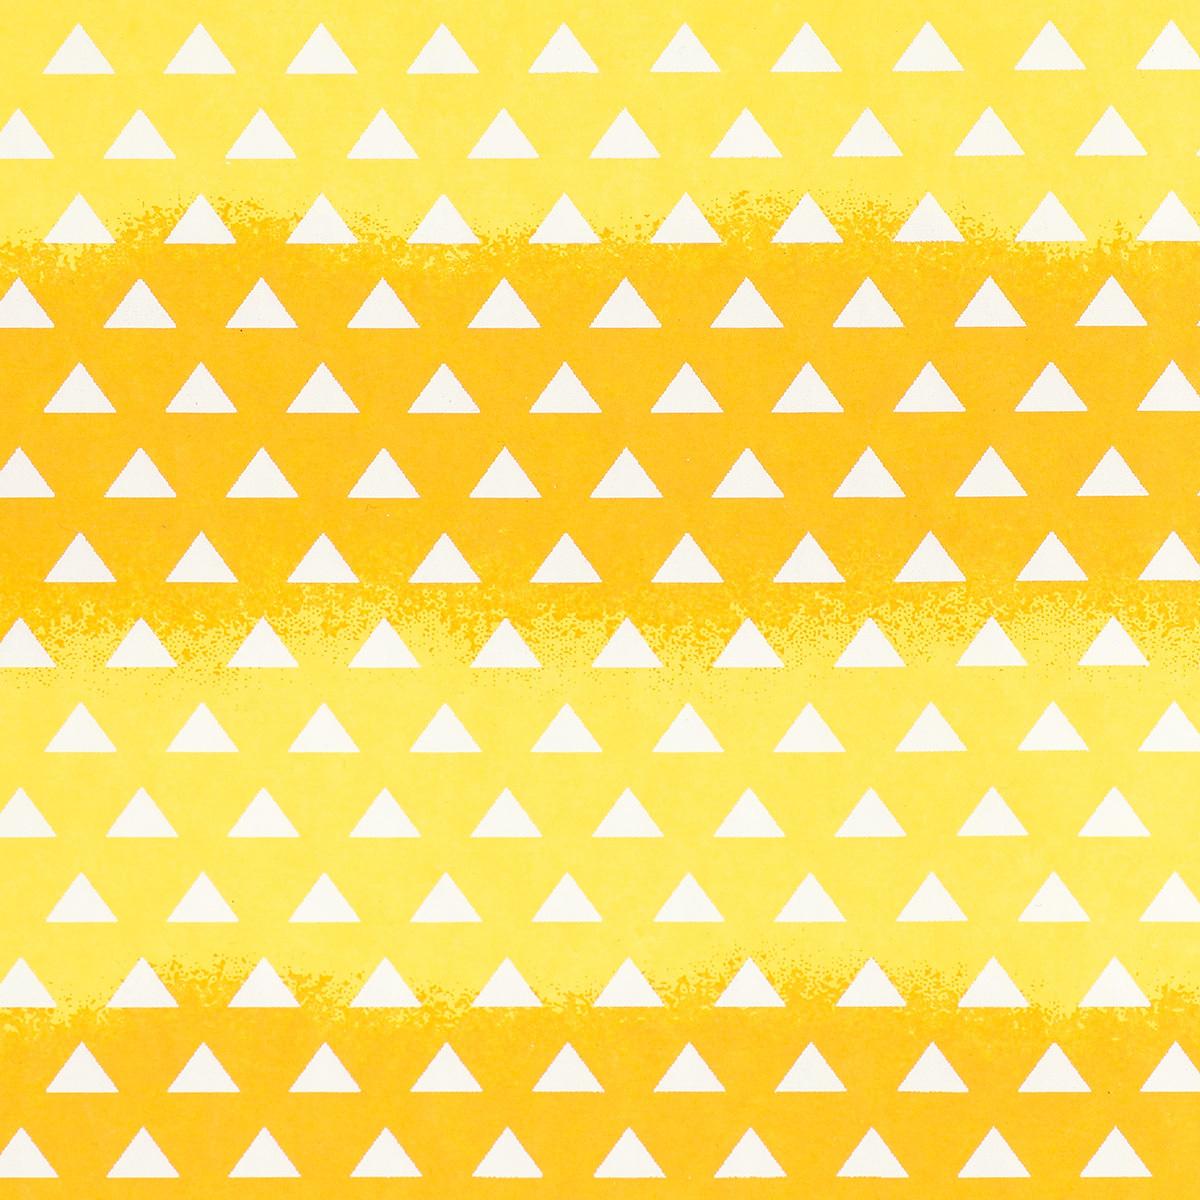 友禅紙 西 鱗柄 黄金色/赤橙色